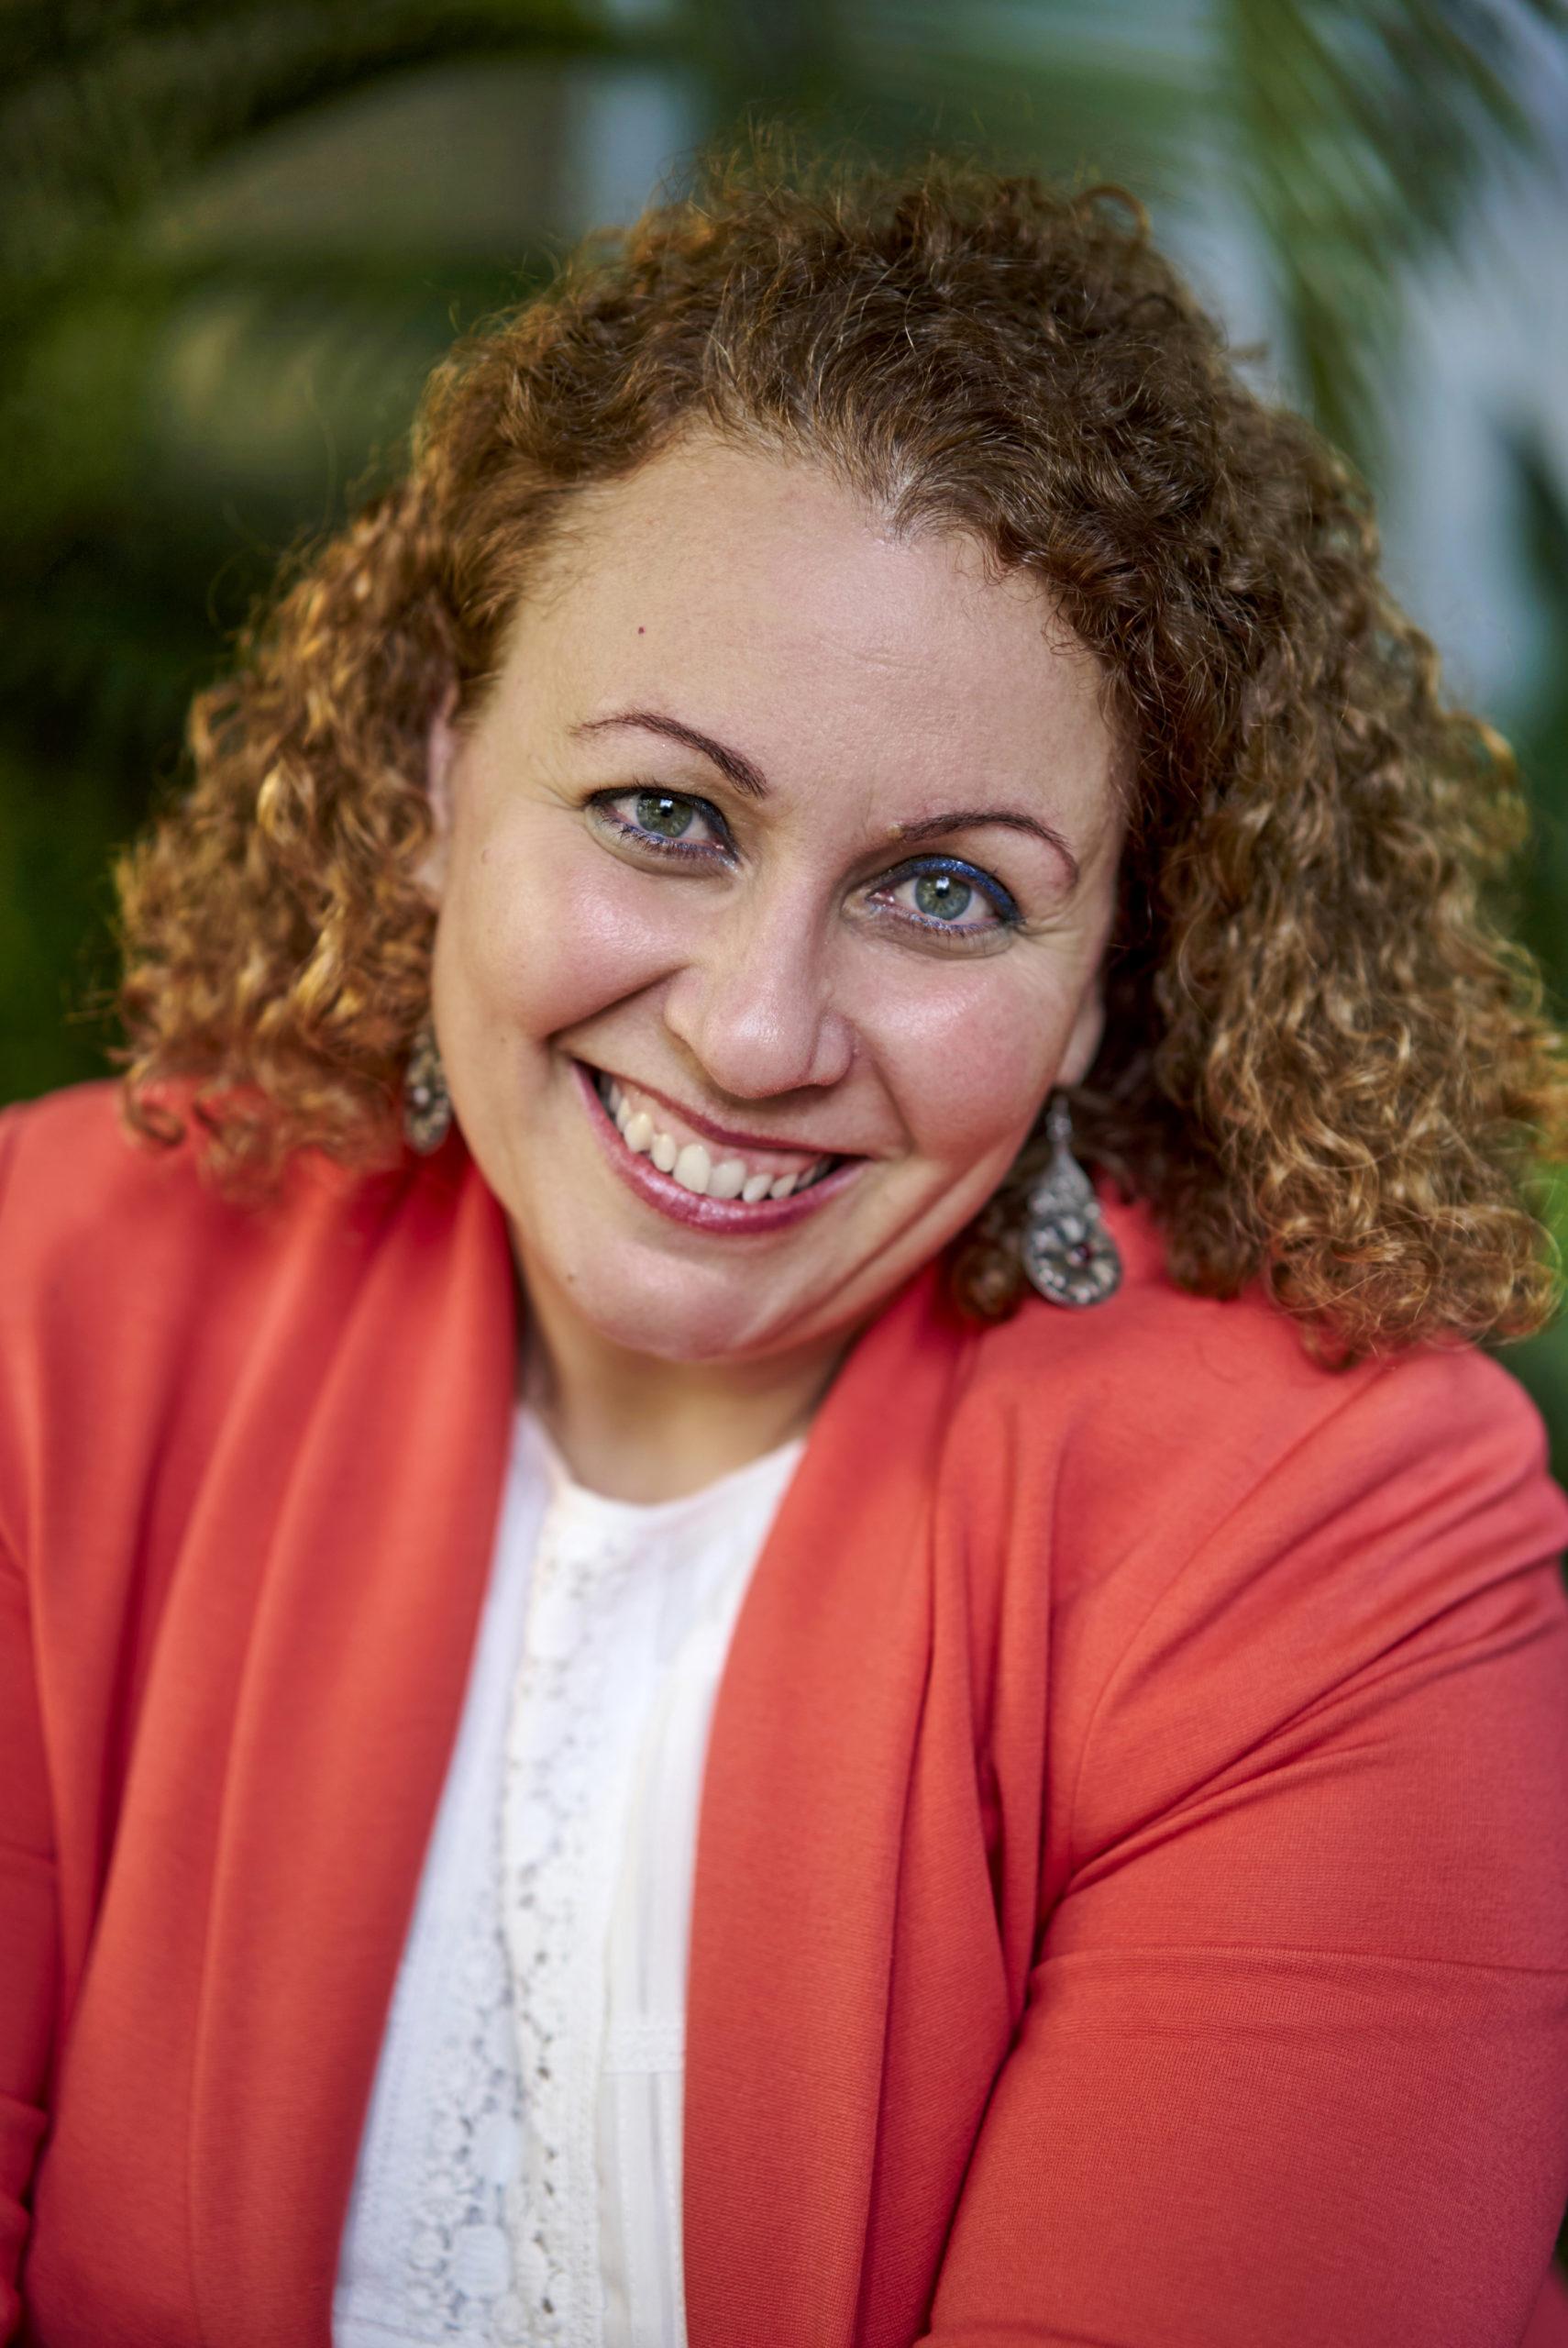 Sonia-El-Hakim